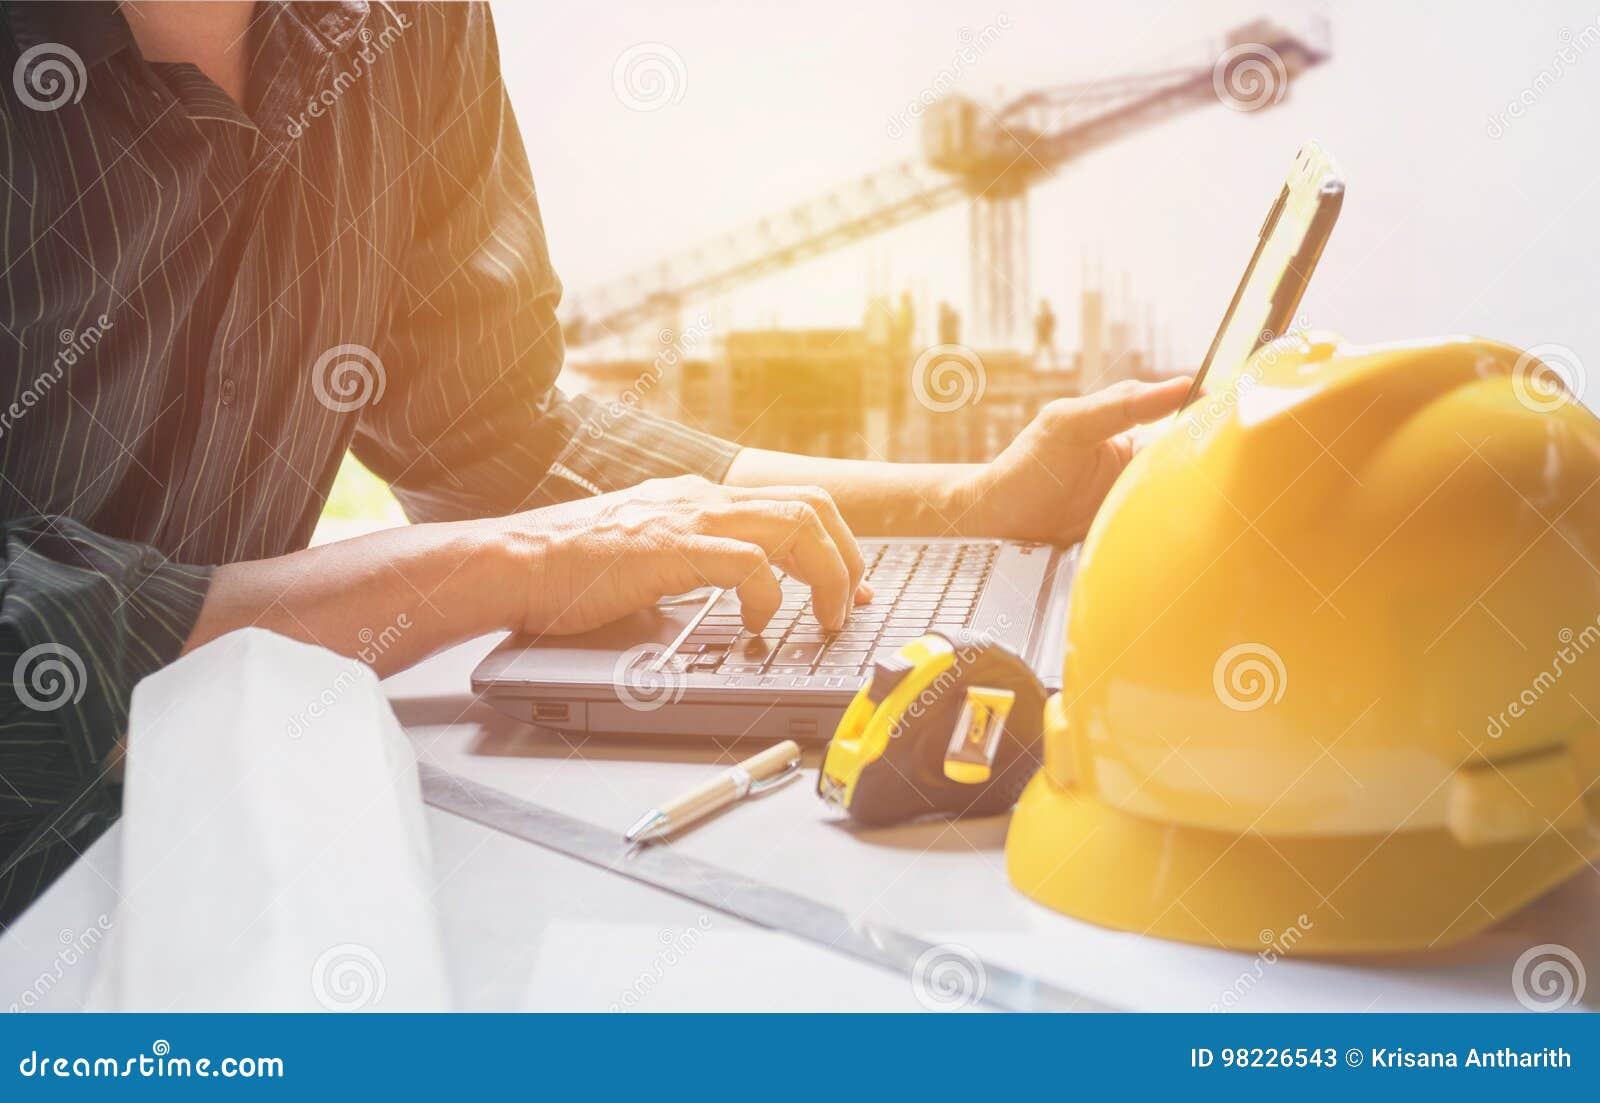 使用膝上型计算机的建筑师工程师为与黄色盔甲一起使用,